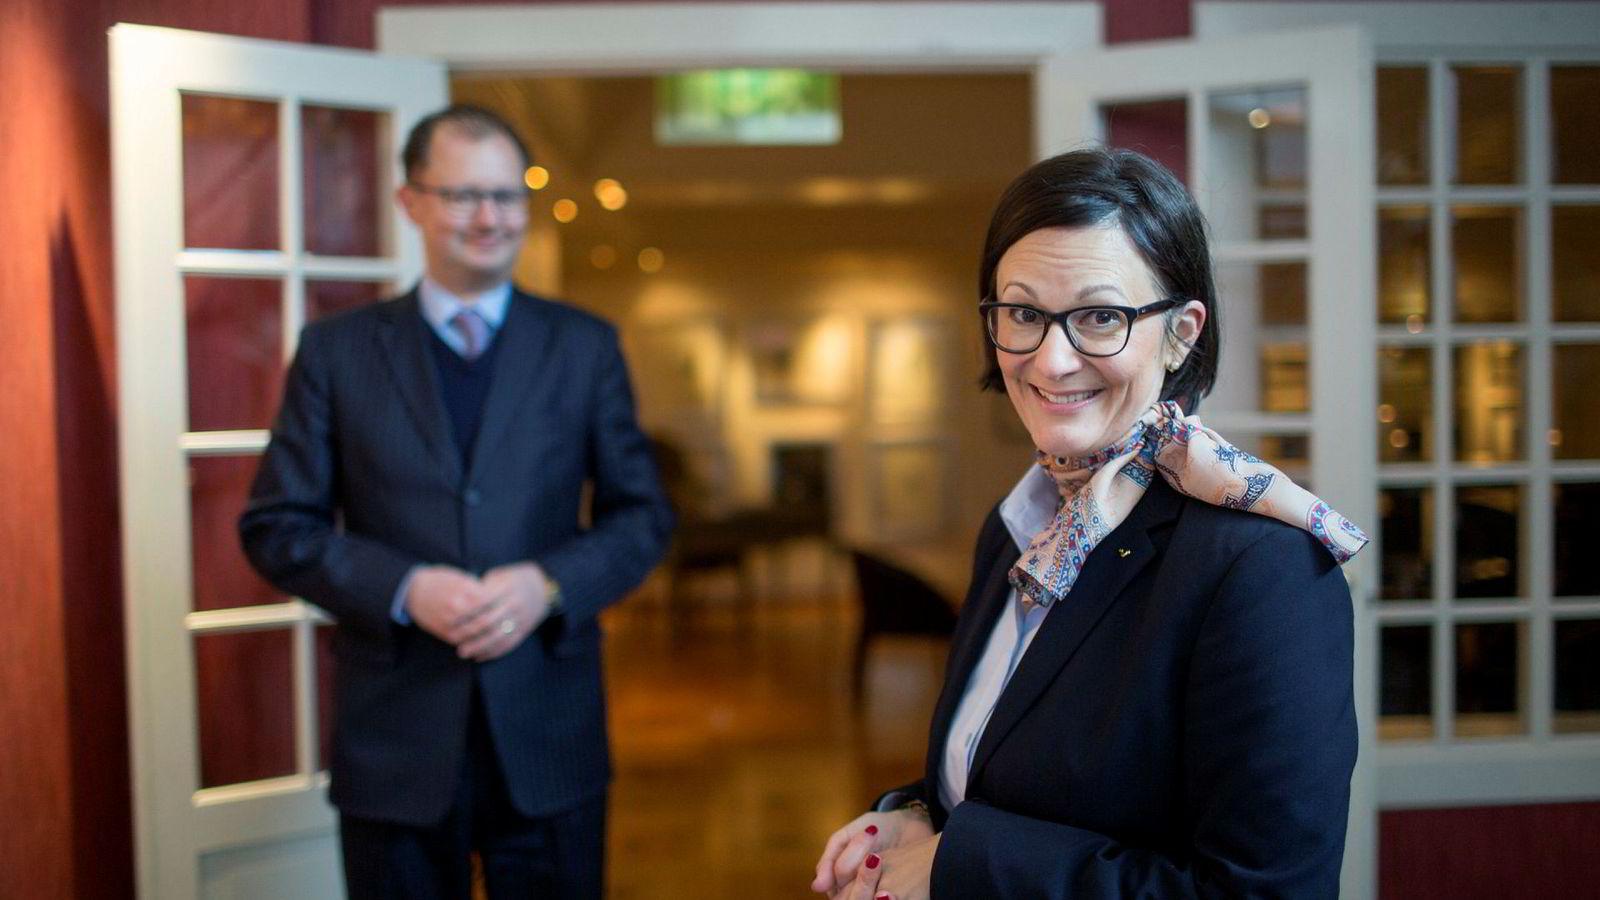 Barbara Zanoni Utne, her med ektemannen Hans Edmund Utne i bakgrunnen, har etter langvarig misnøye med manglende politisk gjennomslag meldt Hotel Ullensvang i Hardanger ut av NHO Reiseliv og inn i Norsk Industri.